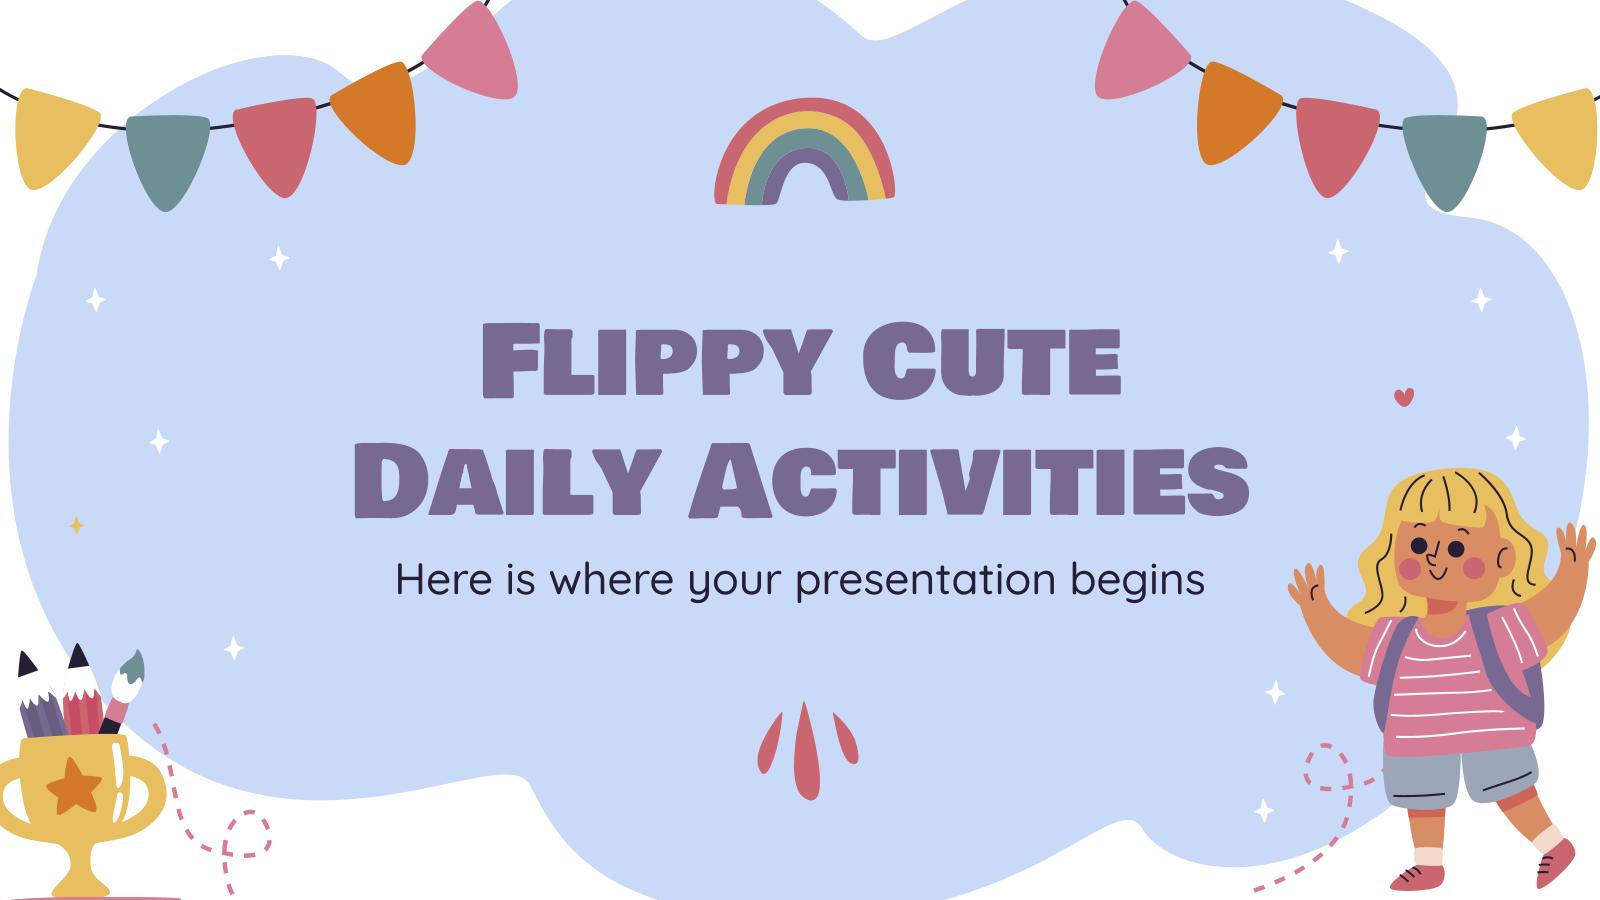 Activités quotidiennes mignon Flippy : Modèles de présentation